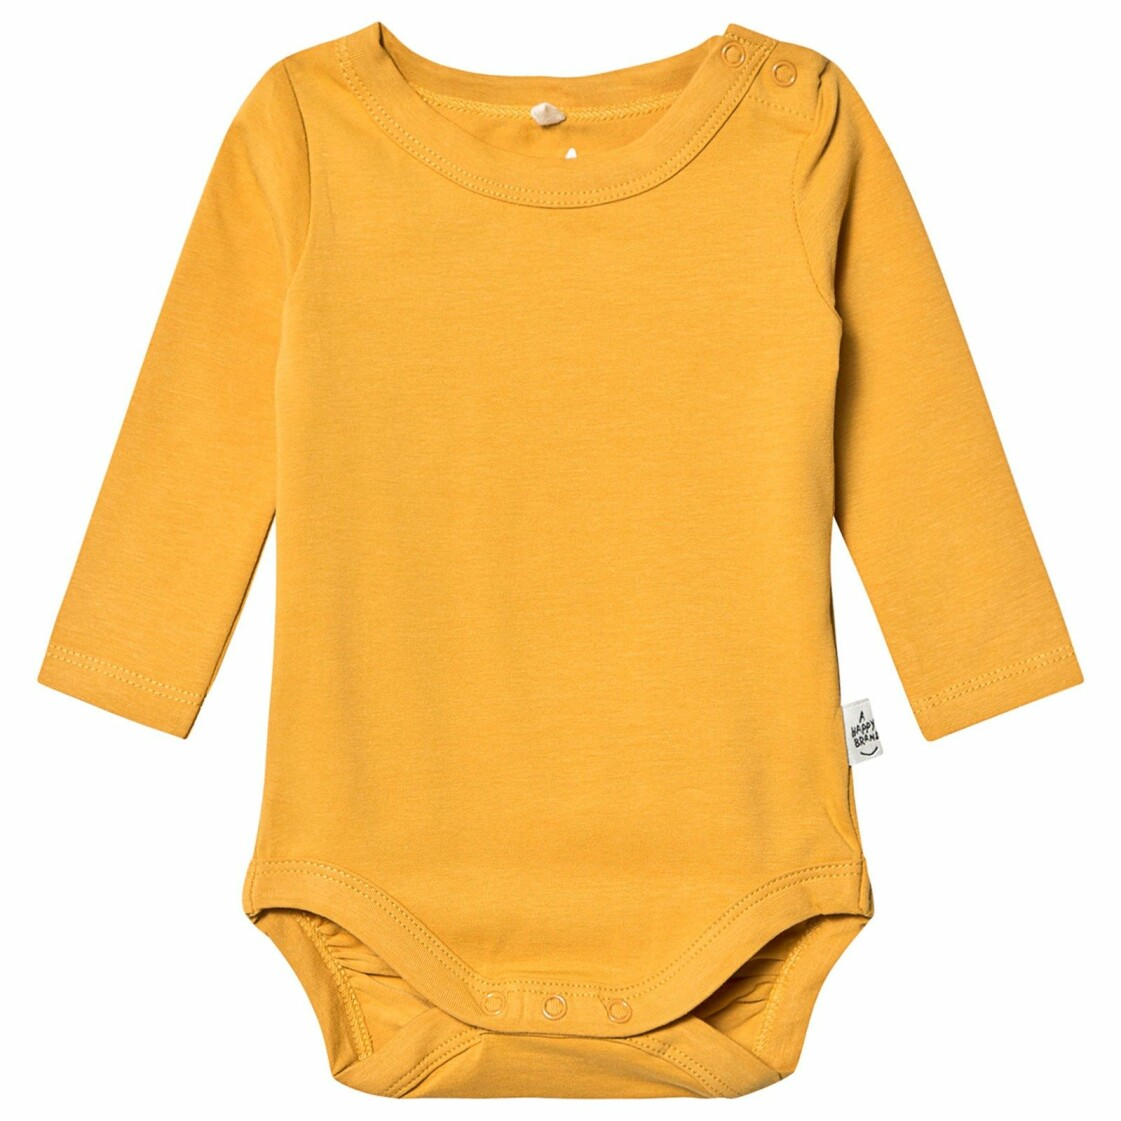 Body i gult